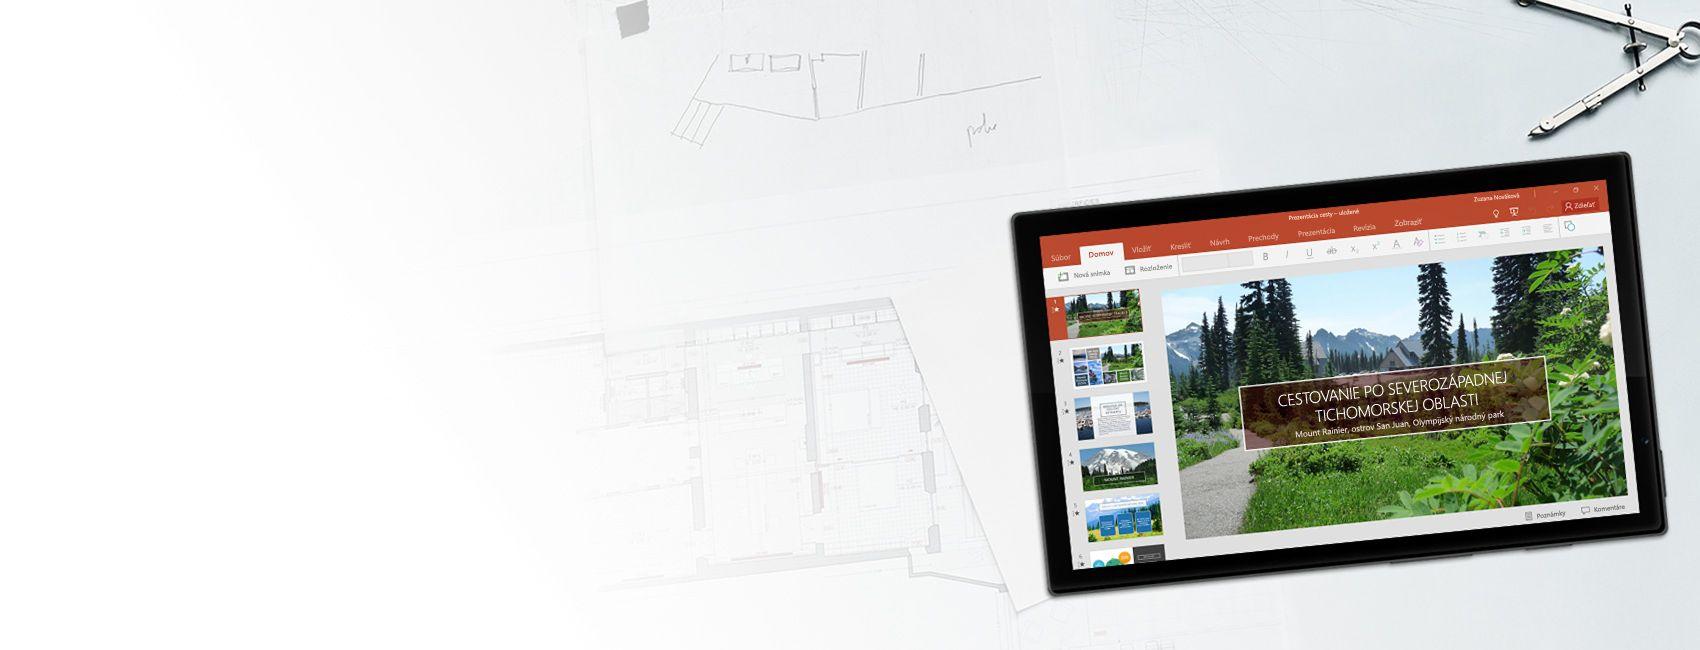 Tablet sWindowsom zobrazujúci powerpointovú prezentáciu ocestách po pacifickom severozápade vPowerPointe pre Windows 10 Mobile